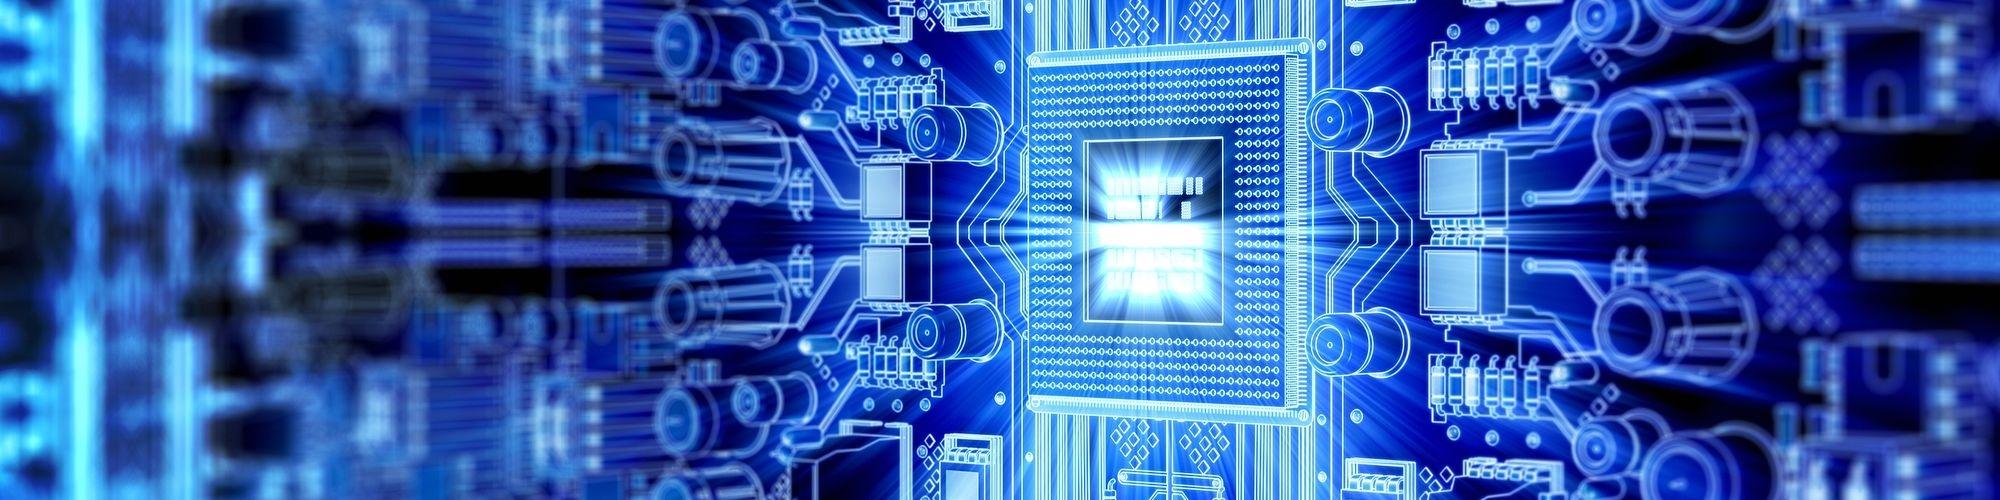 Brands To Gain Consumer Personal Data From California E-Receipt Legislation | DeviceDaily.com